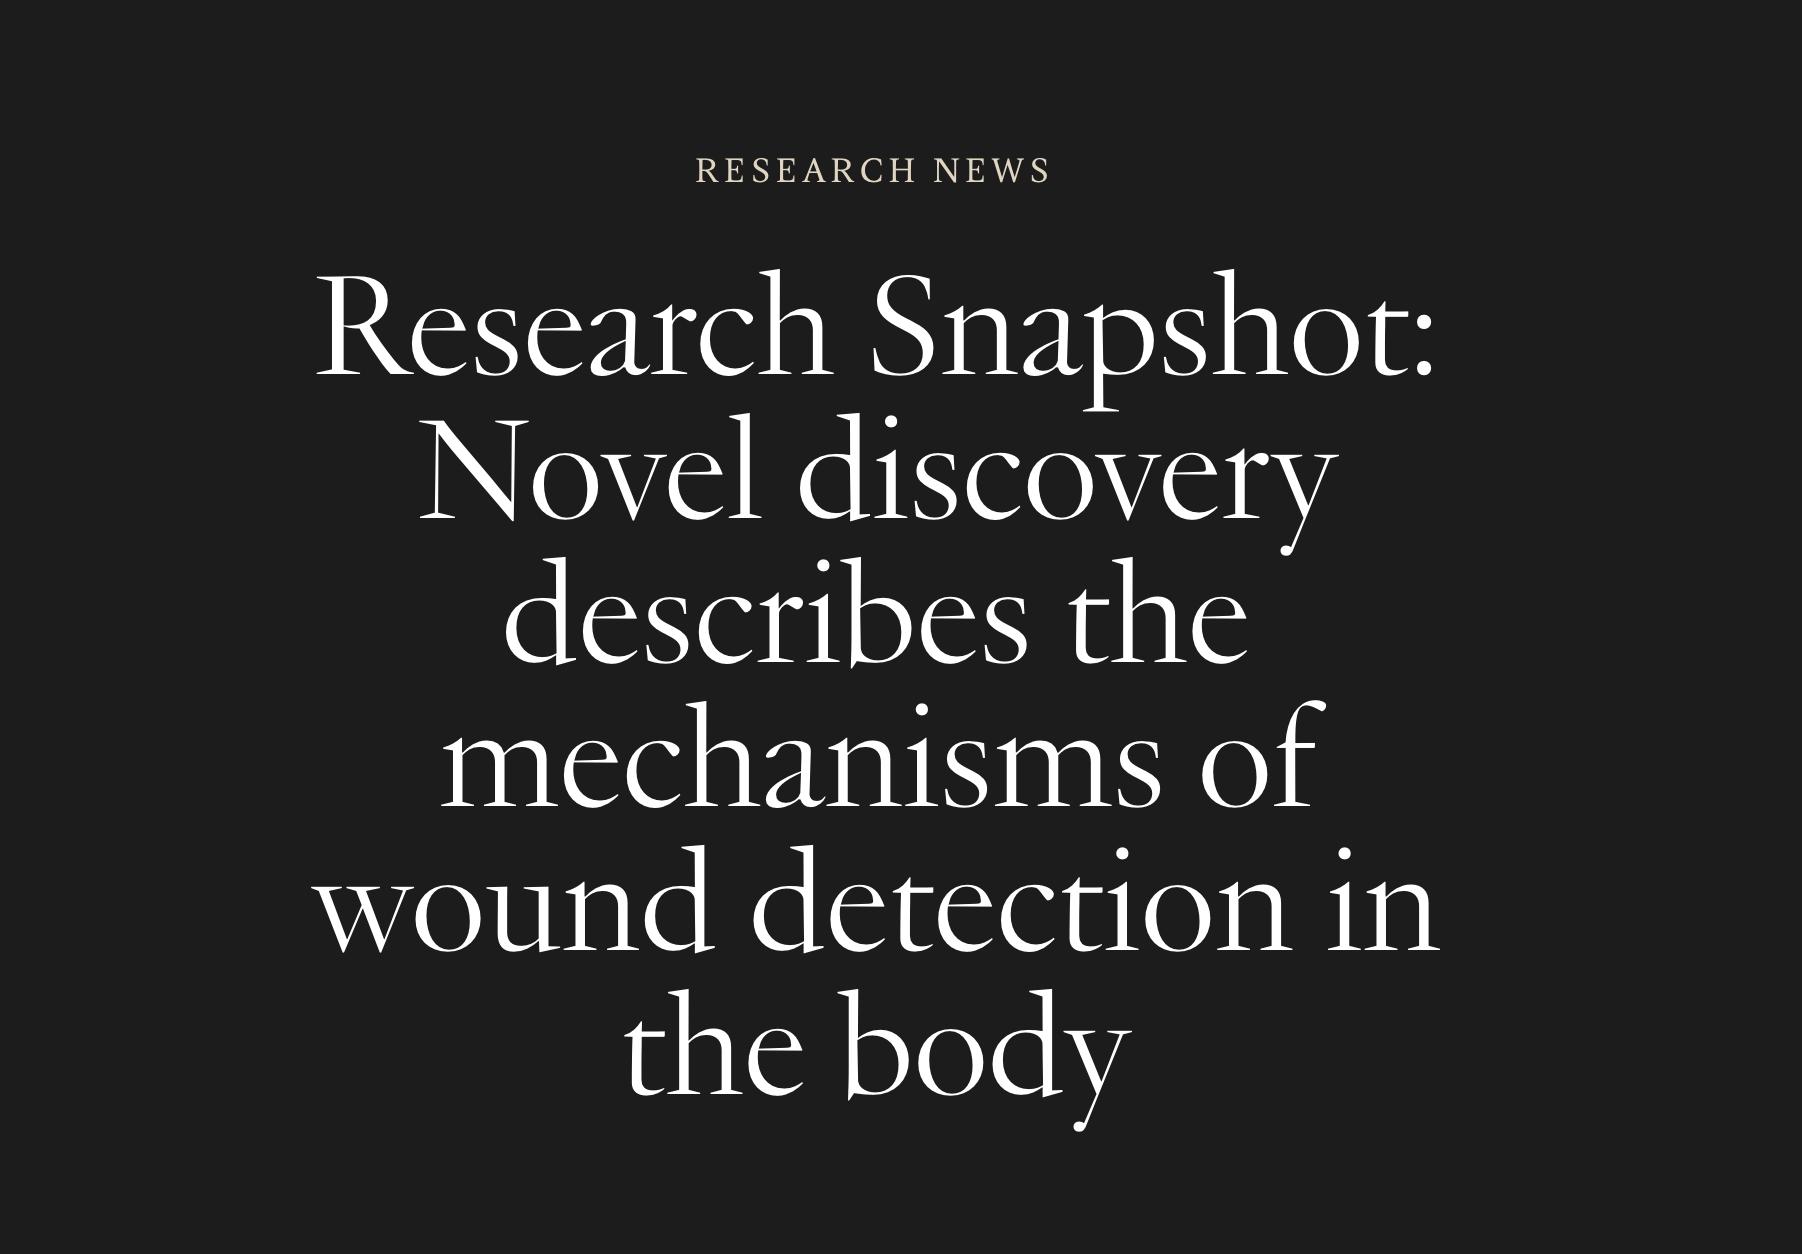 Research snapshot thumbnail